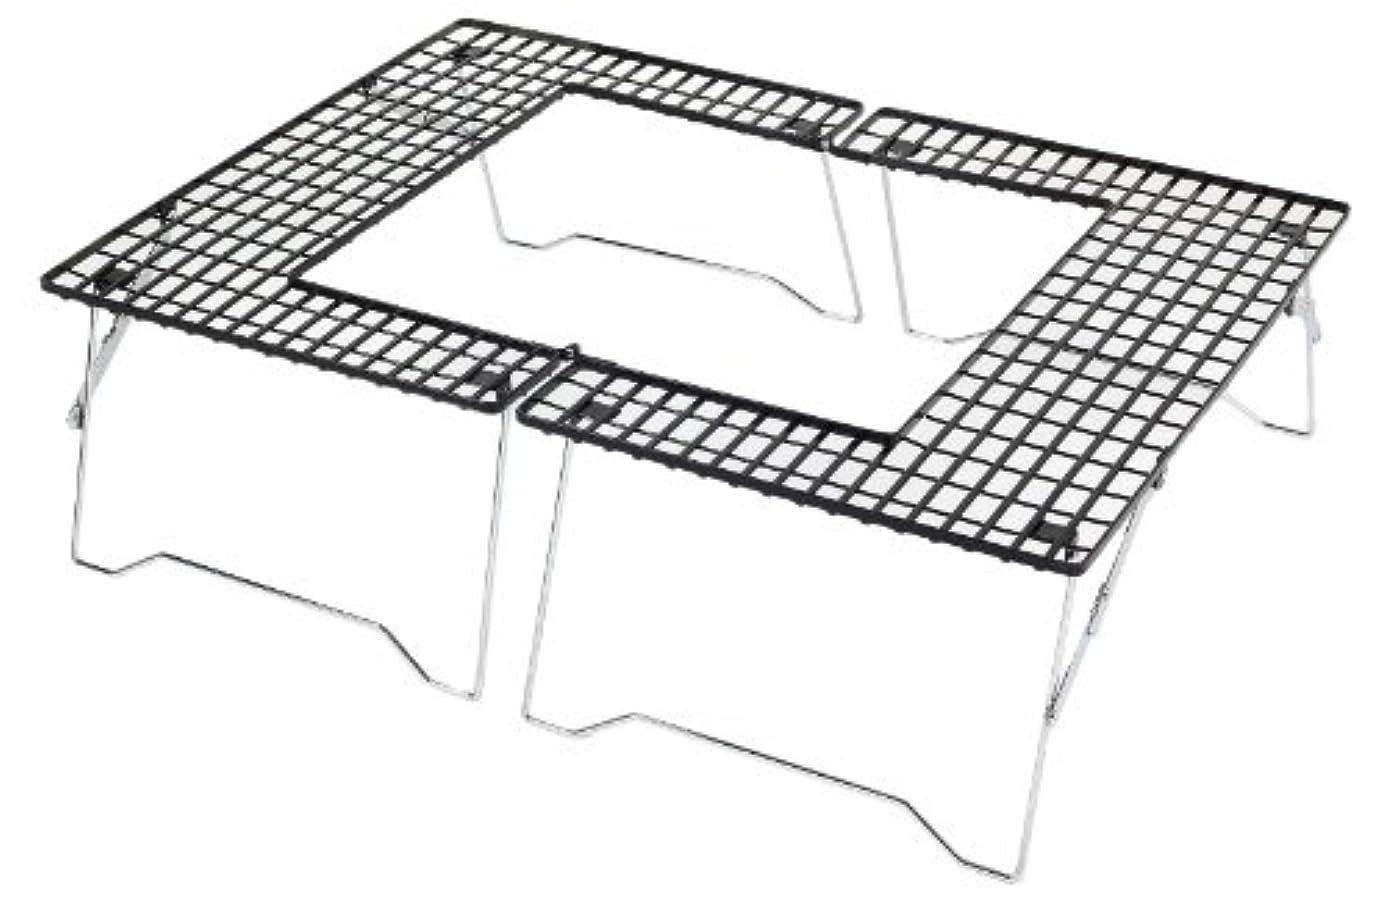 結論ロータリー溶かすキャプテンスタッグ(CAPTAIN STAG) バーベキュー用 焚火台 ファイアグリル コンロ 机 テーブル M-6420M-6420